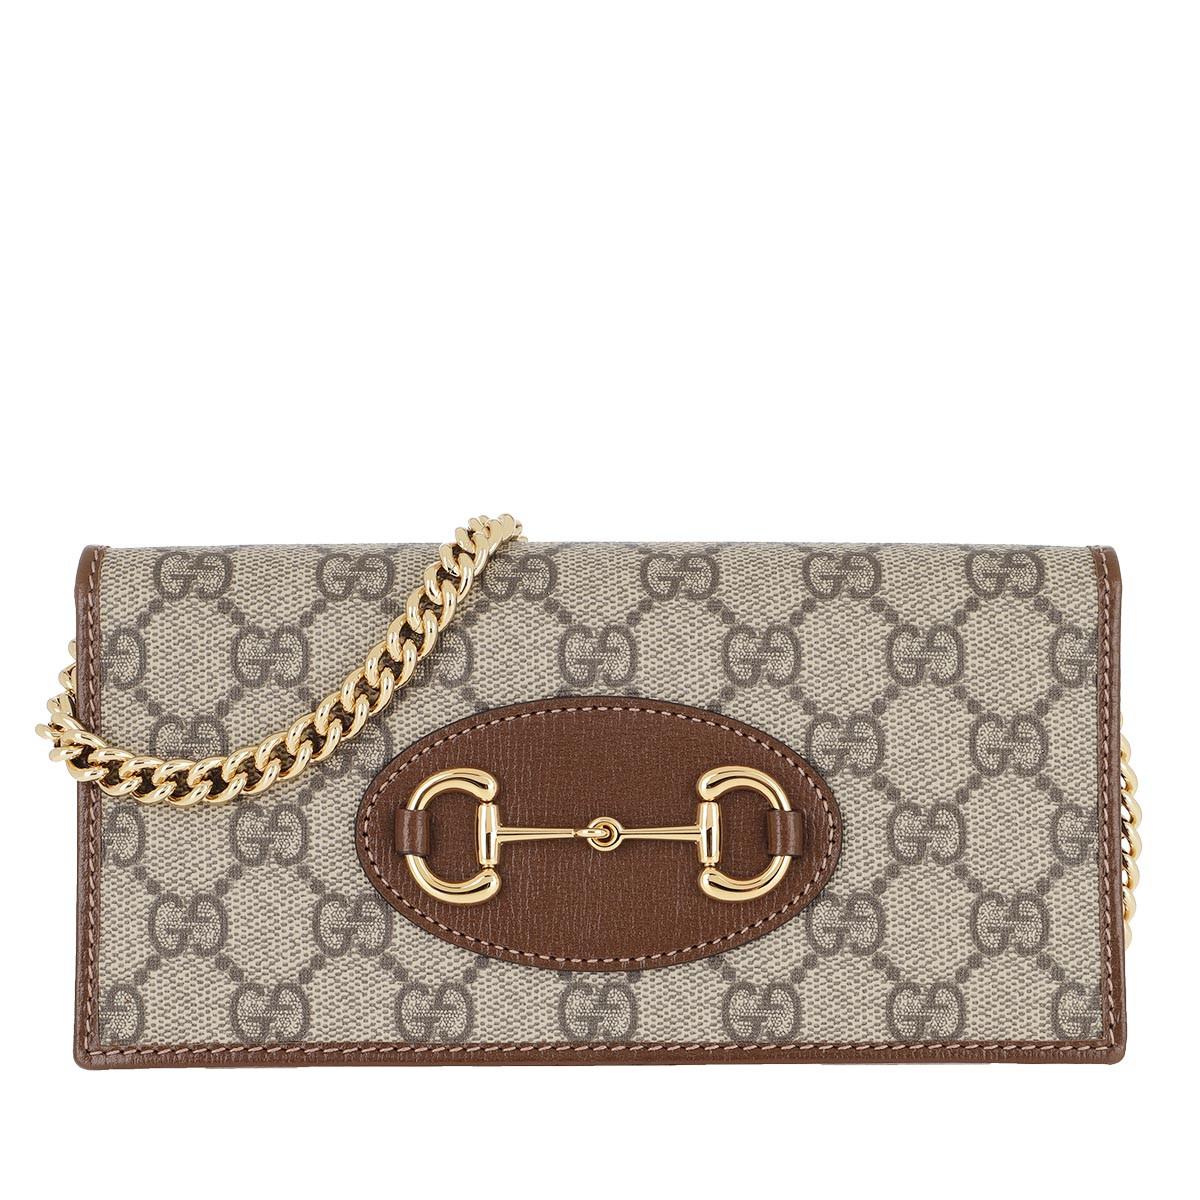 Gucci Umhängetasche - Horsebit Wallet On Chain Leather Beige Ebony - in braun - für Damen